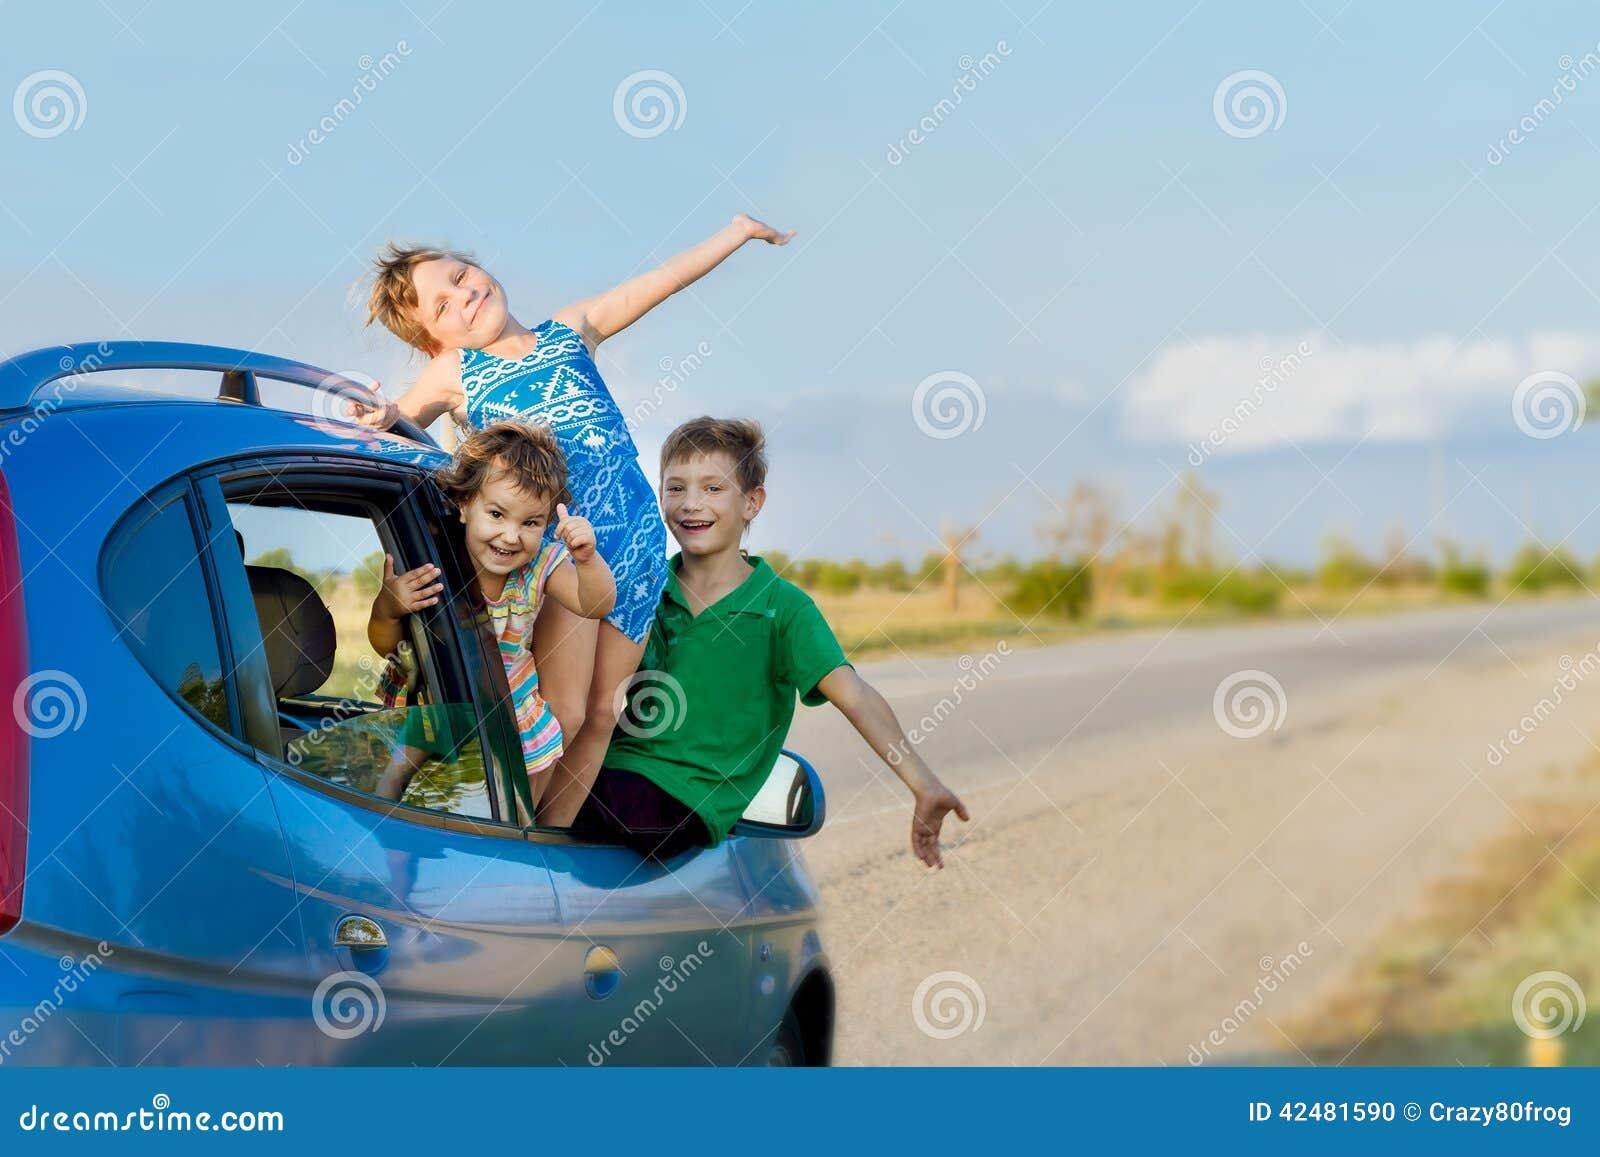 Niños felices en el coche, viaje de la familia, viaje de las vacaciones de verano